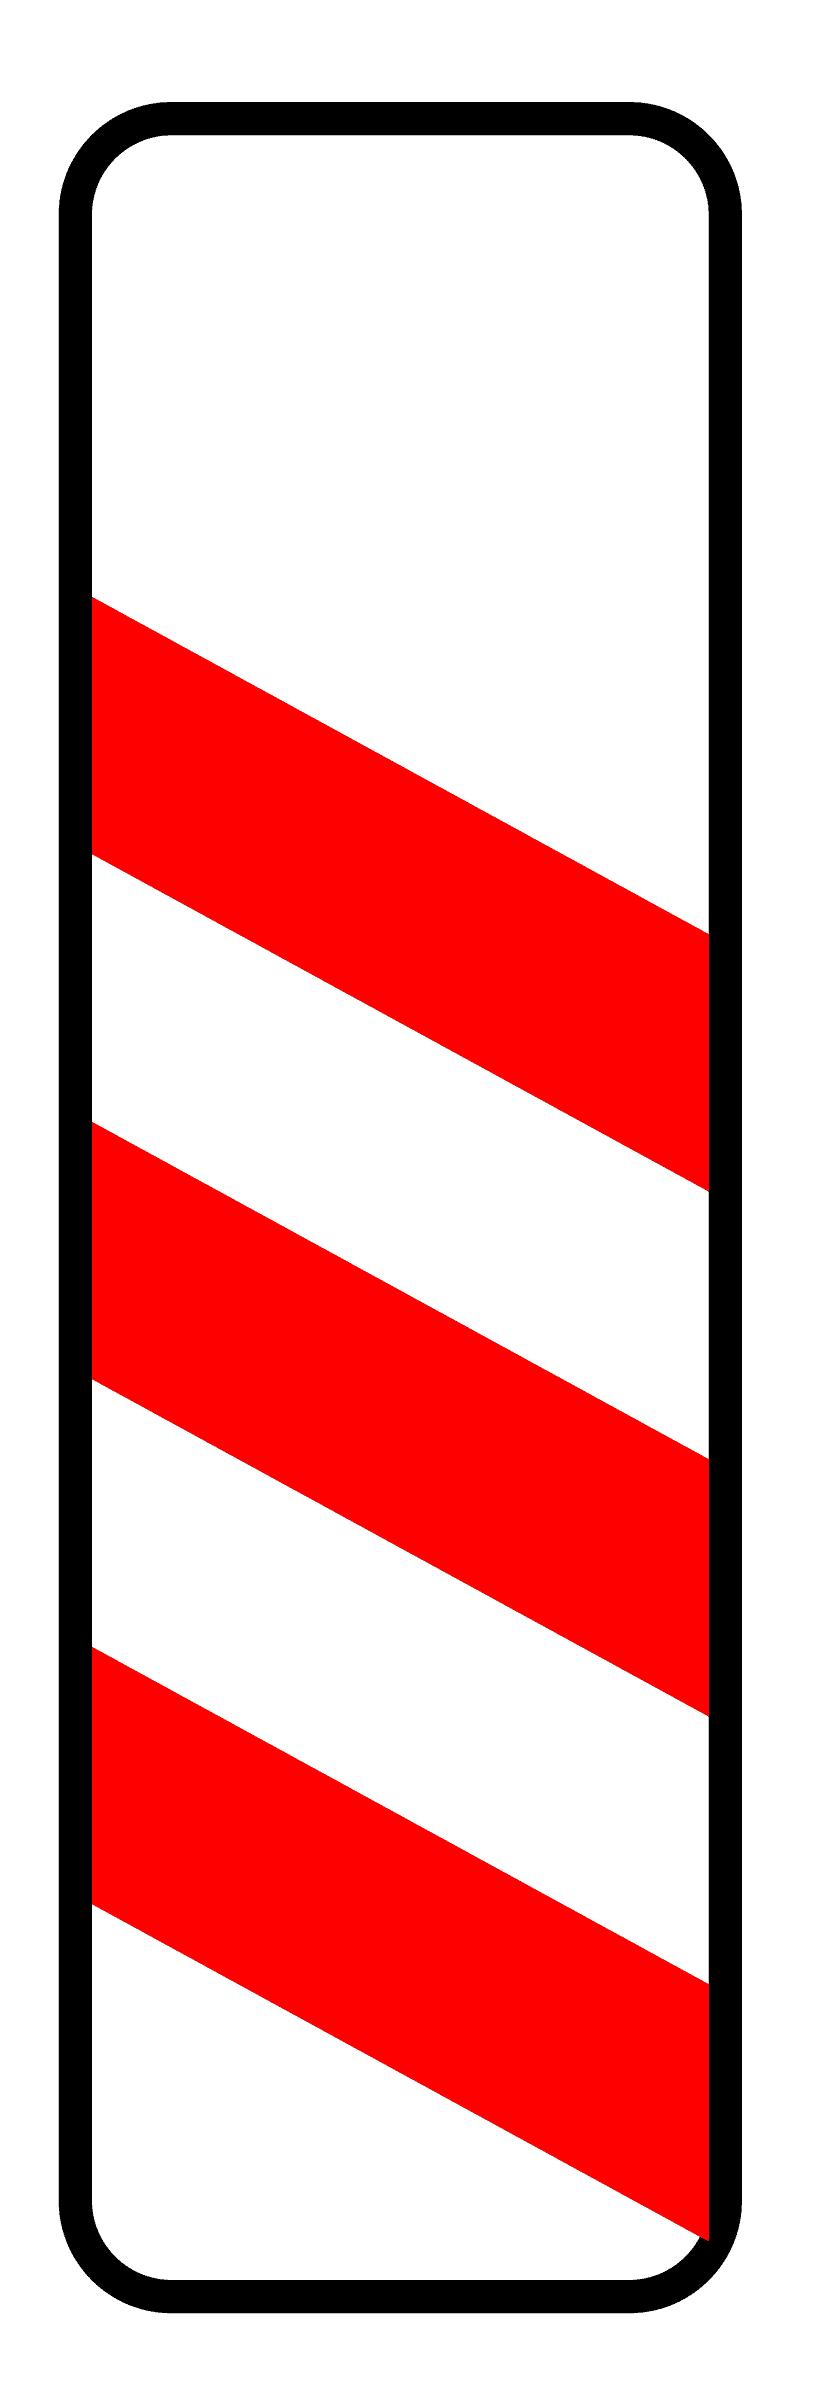 Verkehrszeichen 156: dreistreifige Bake